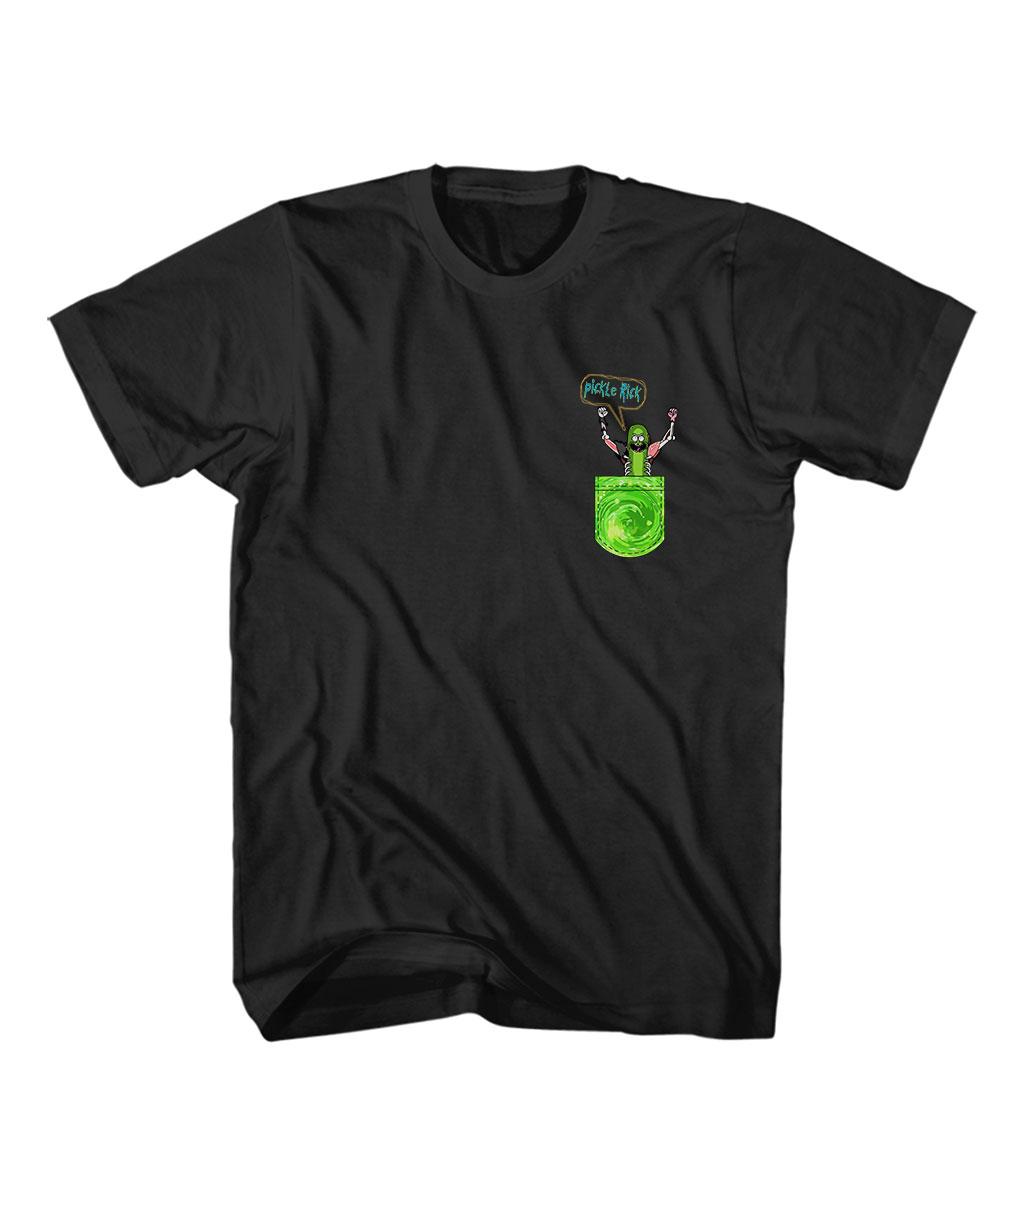 Buy Pickle Rick Pocket Cheap T Shirt - Tee Shirts